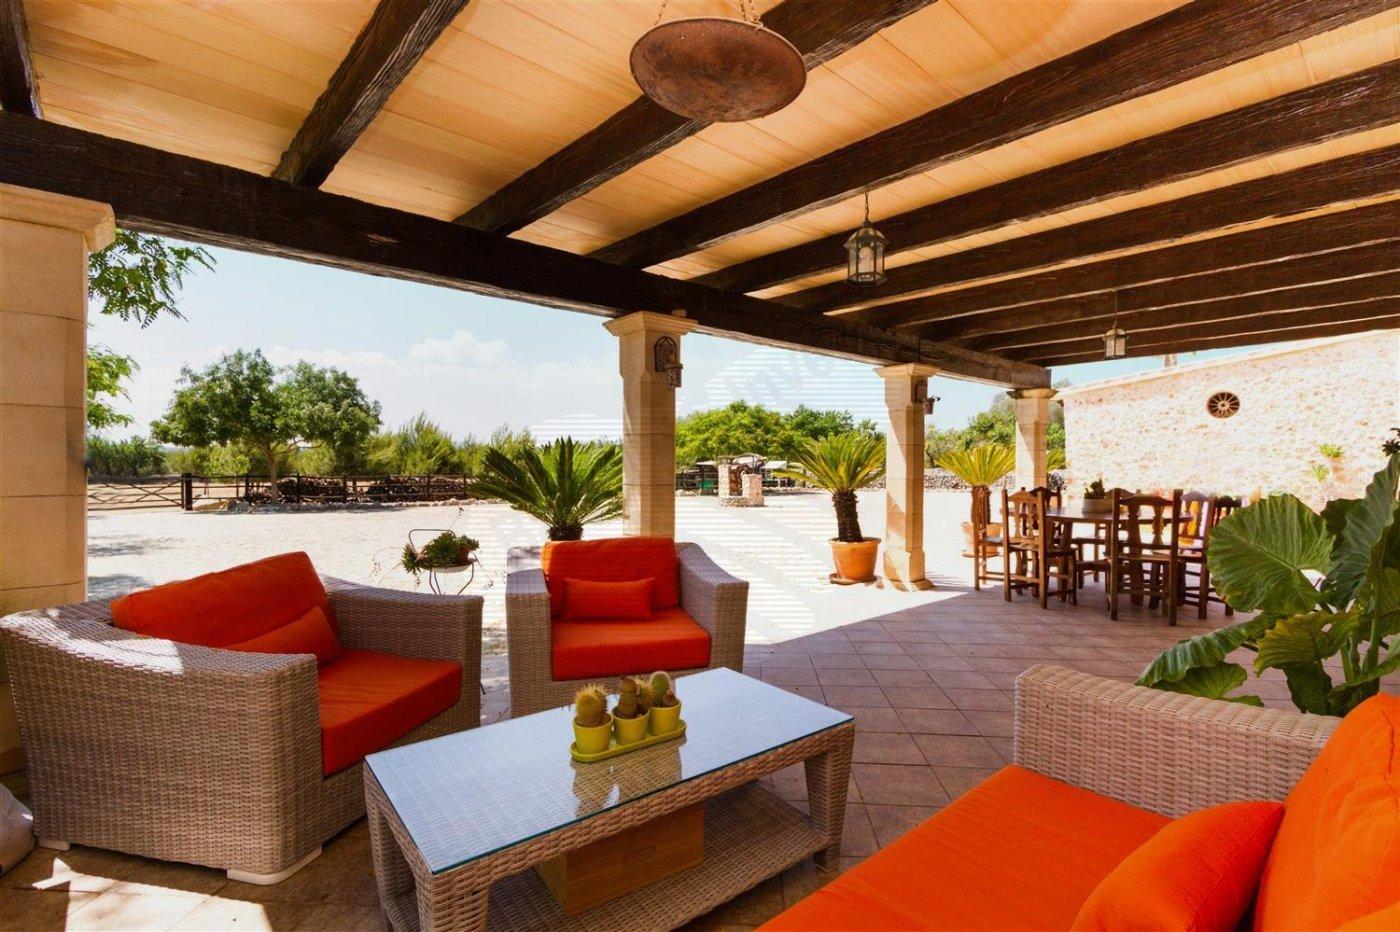 El alquiler tradicional en Baleares es más rentable que el turístico, según un estudio